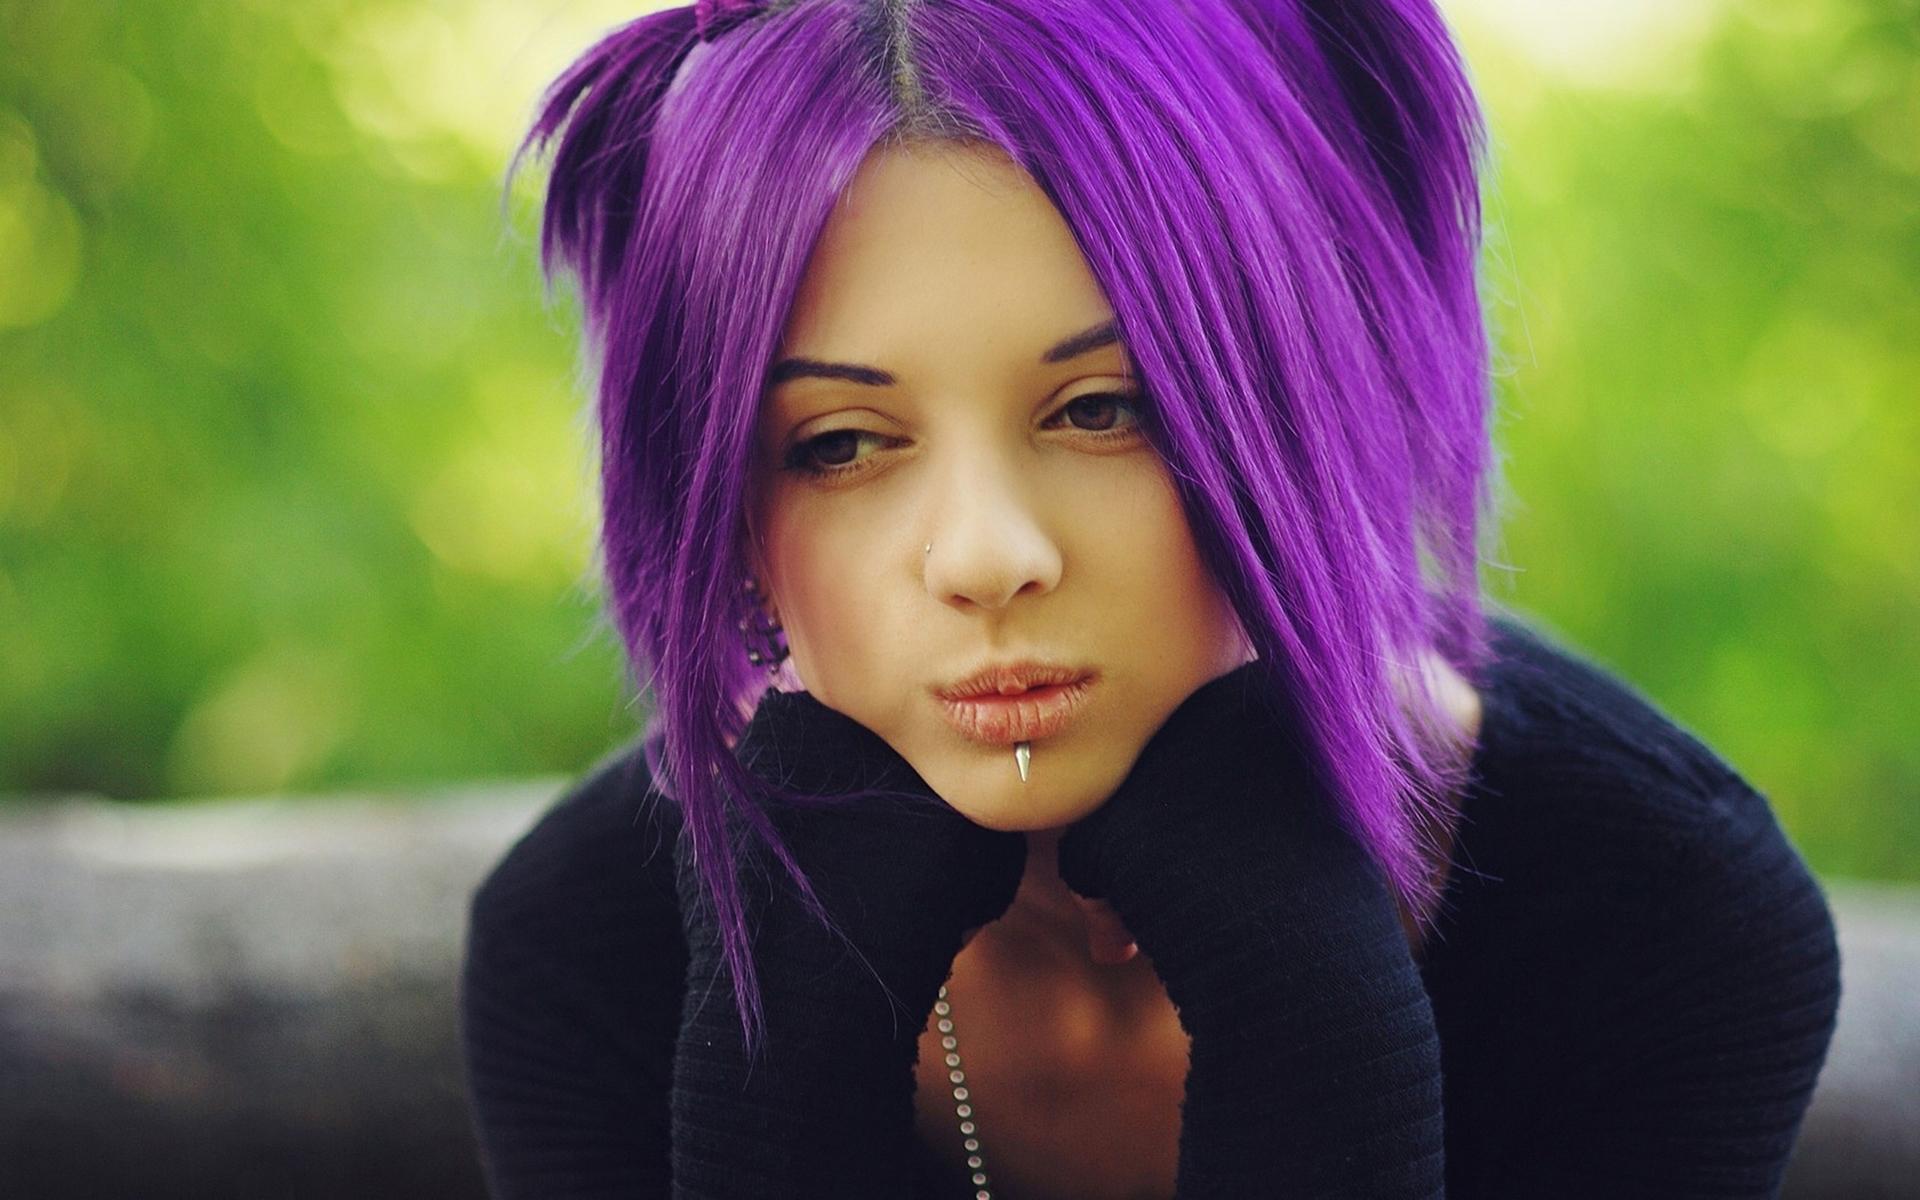 актриса с розововыми волосами и 3 пирсингами на губе